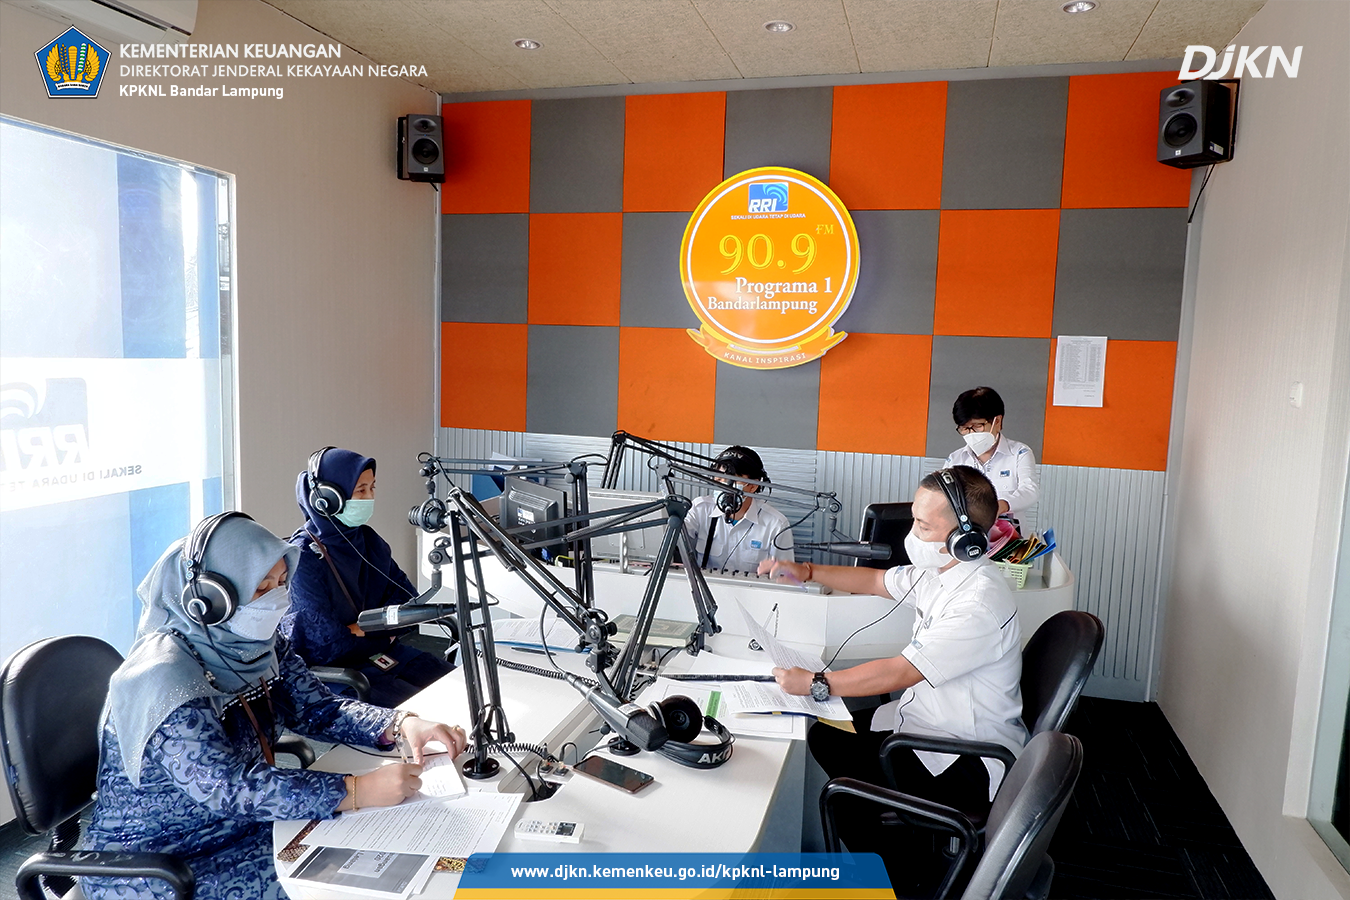 Mengudara Bersama RRI Bandar Lampung, KPKNL Bandar Lampung Siarkan Program Keringanan Utang dan Lelang